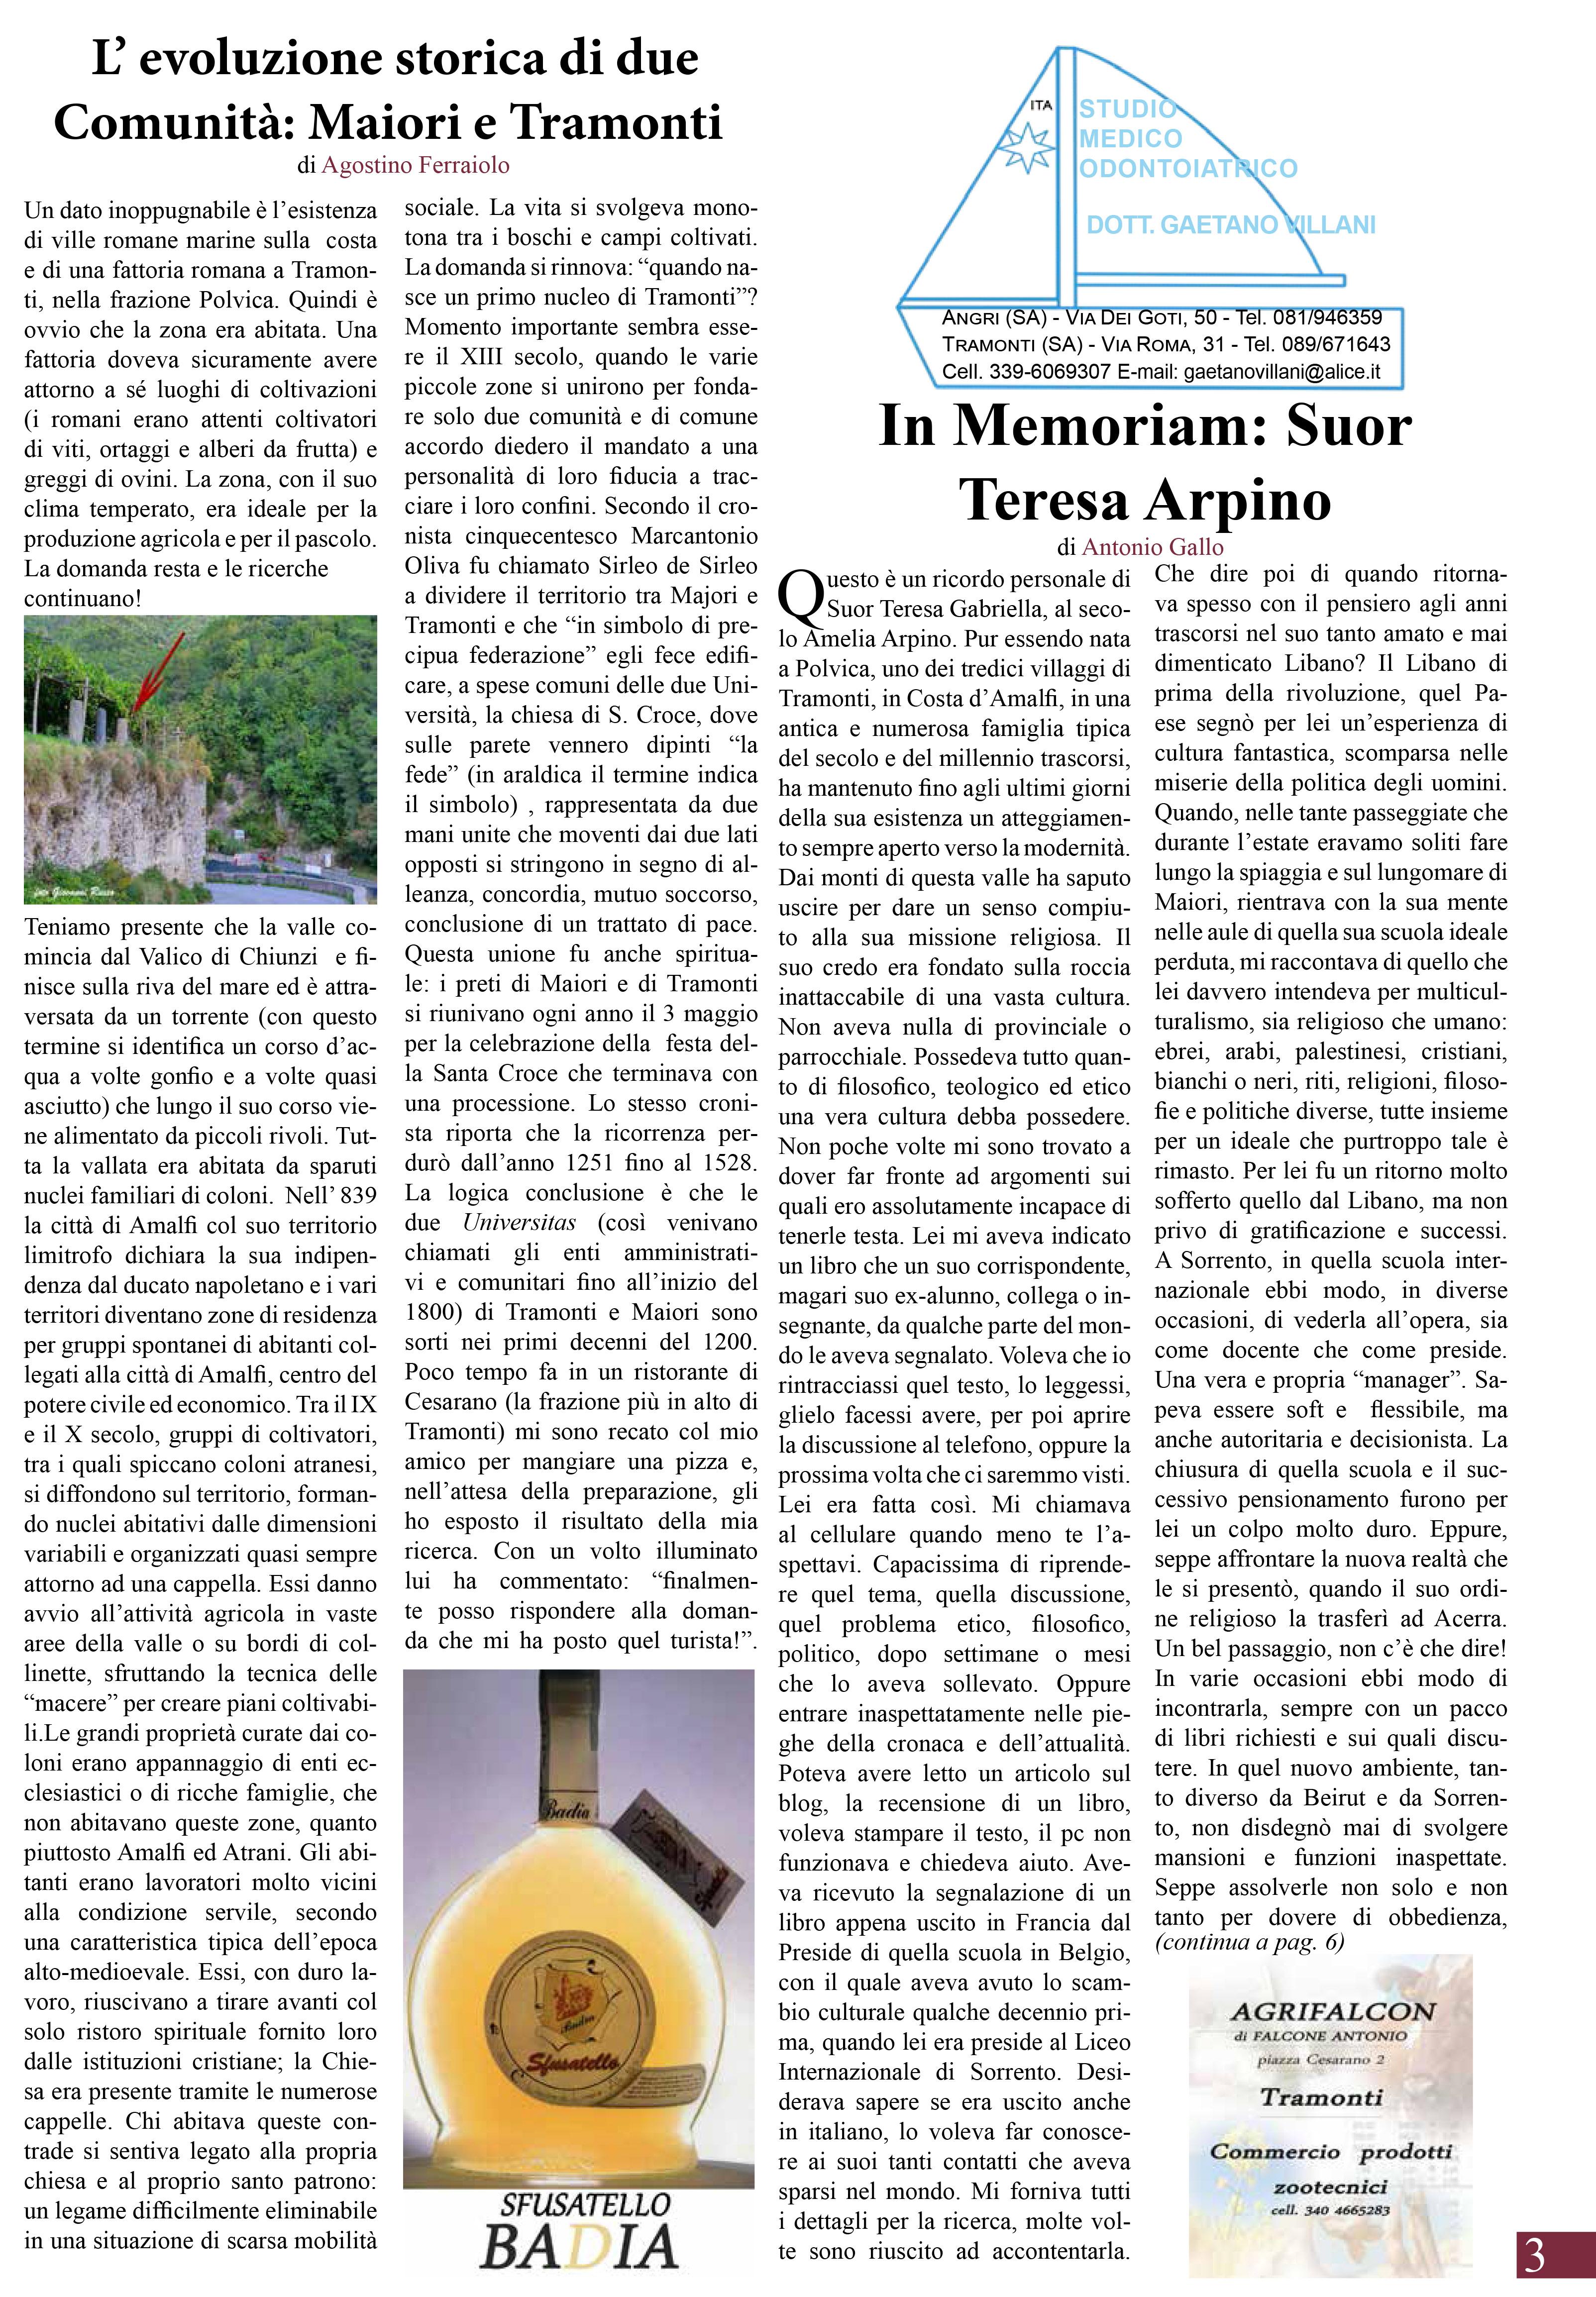 Tg Tramonti News definitivo dicembre4 per web provaAAA - 2017-3